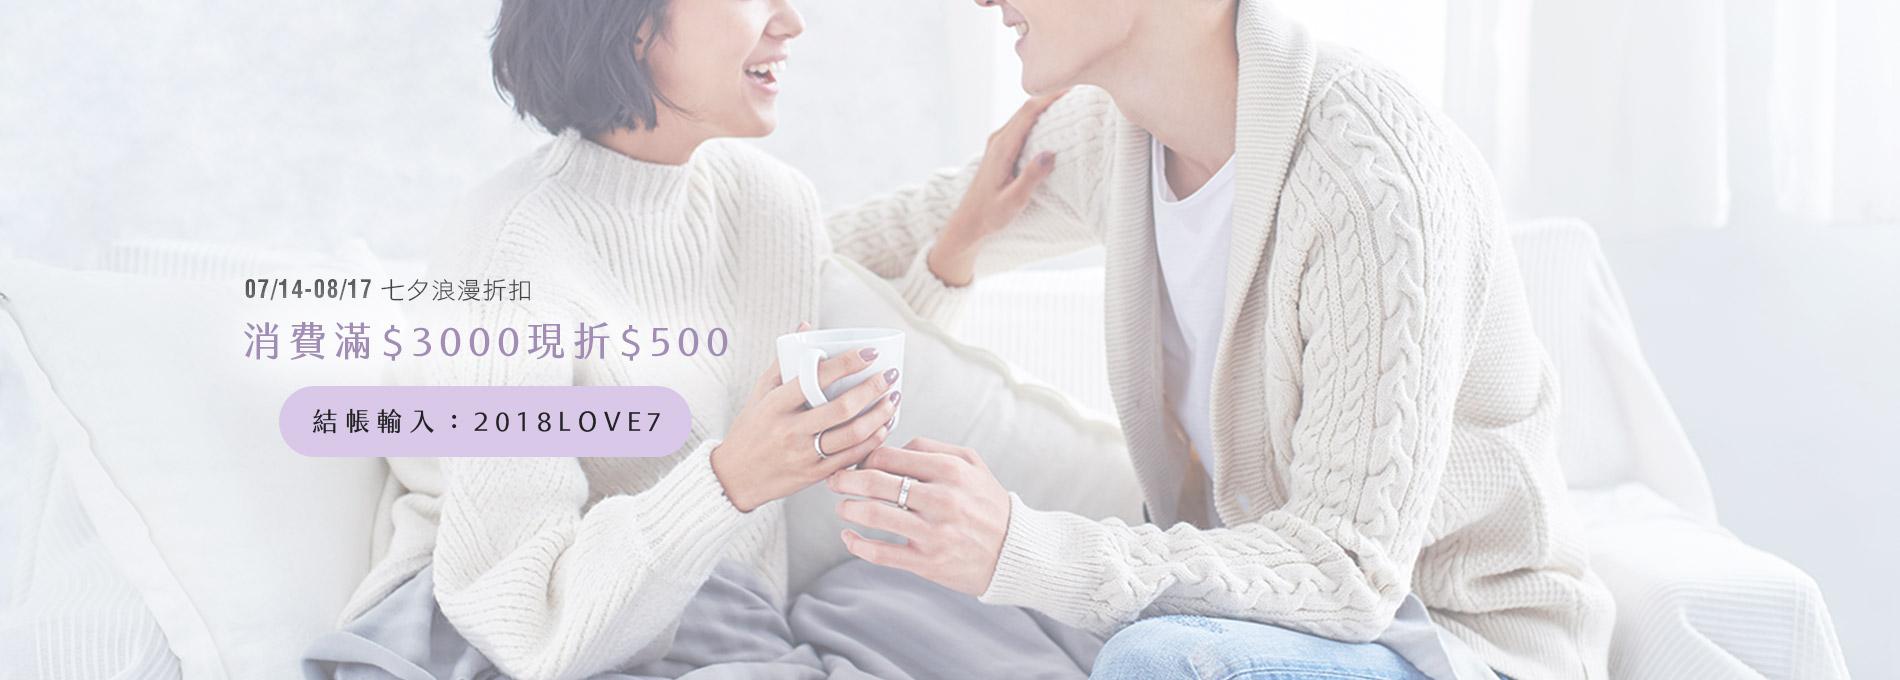 0714-0817 七夕情人節優惠 滿3000折500